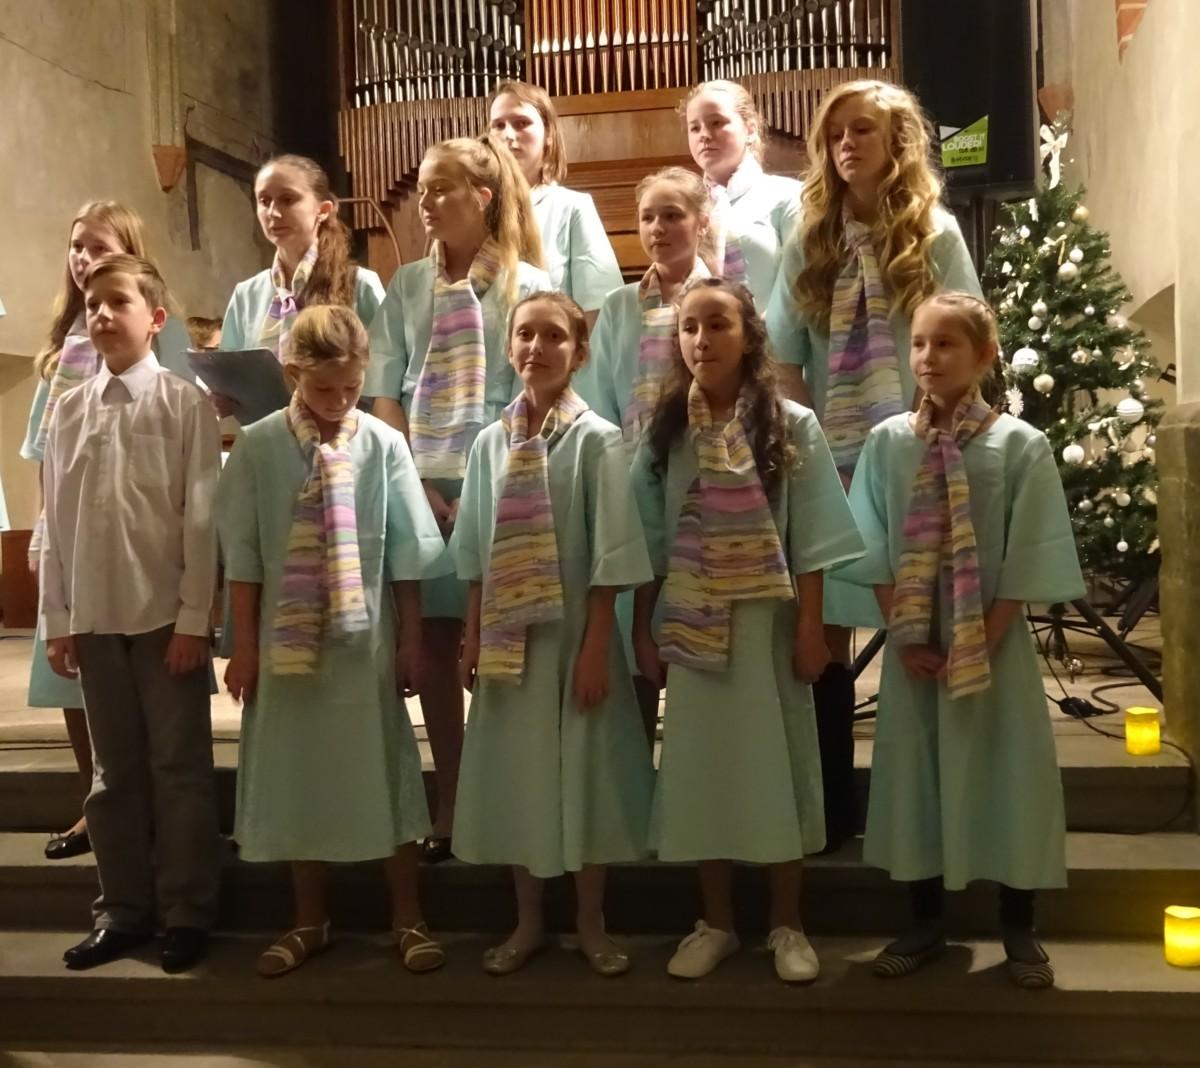 Vánoční Koncert VKoncertní Síni VKrnově 11.12.2018